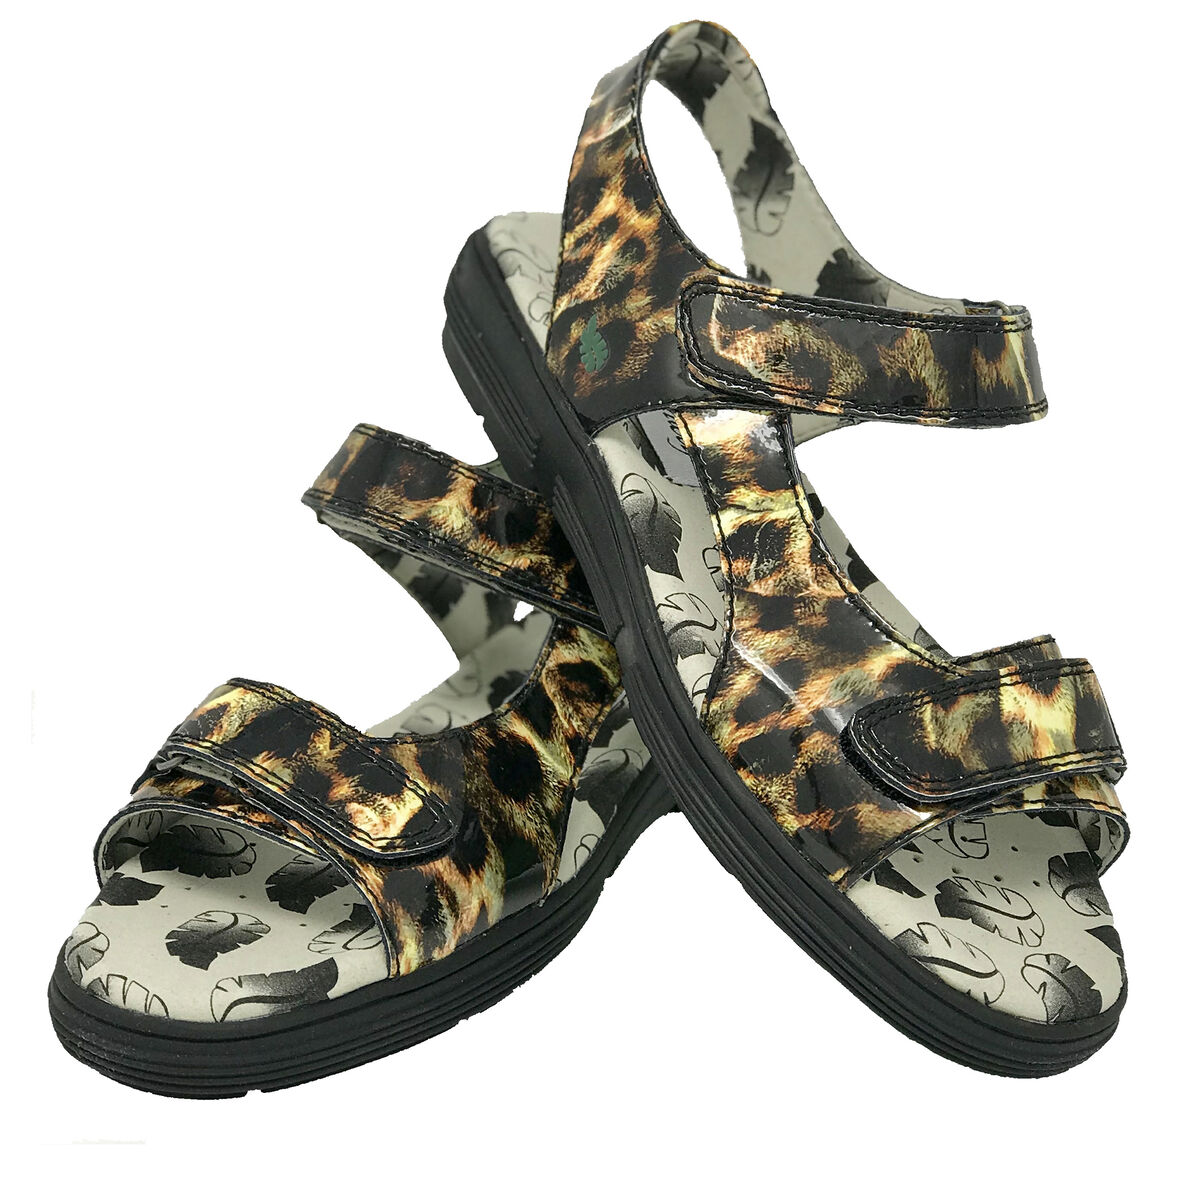 fcd2a8a88da Images. Two Strap Women  39 s Spikeless Golf Sandal - Leopard